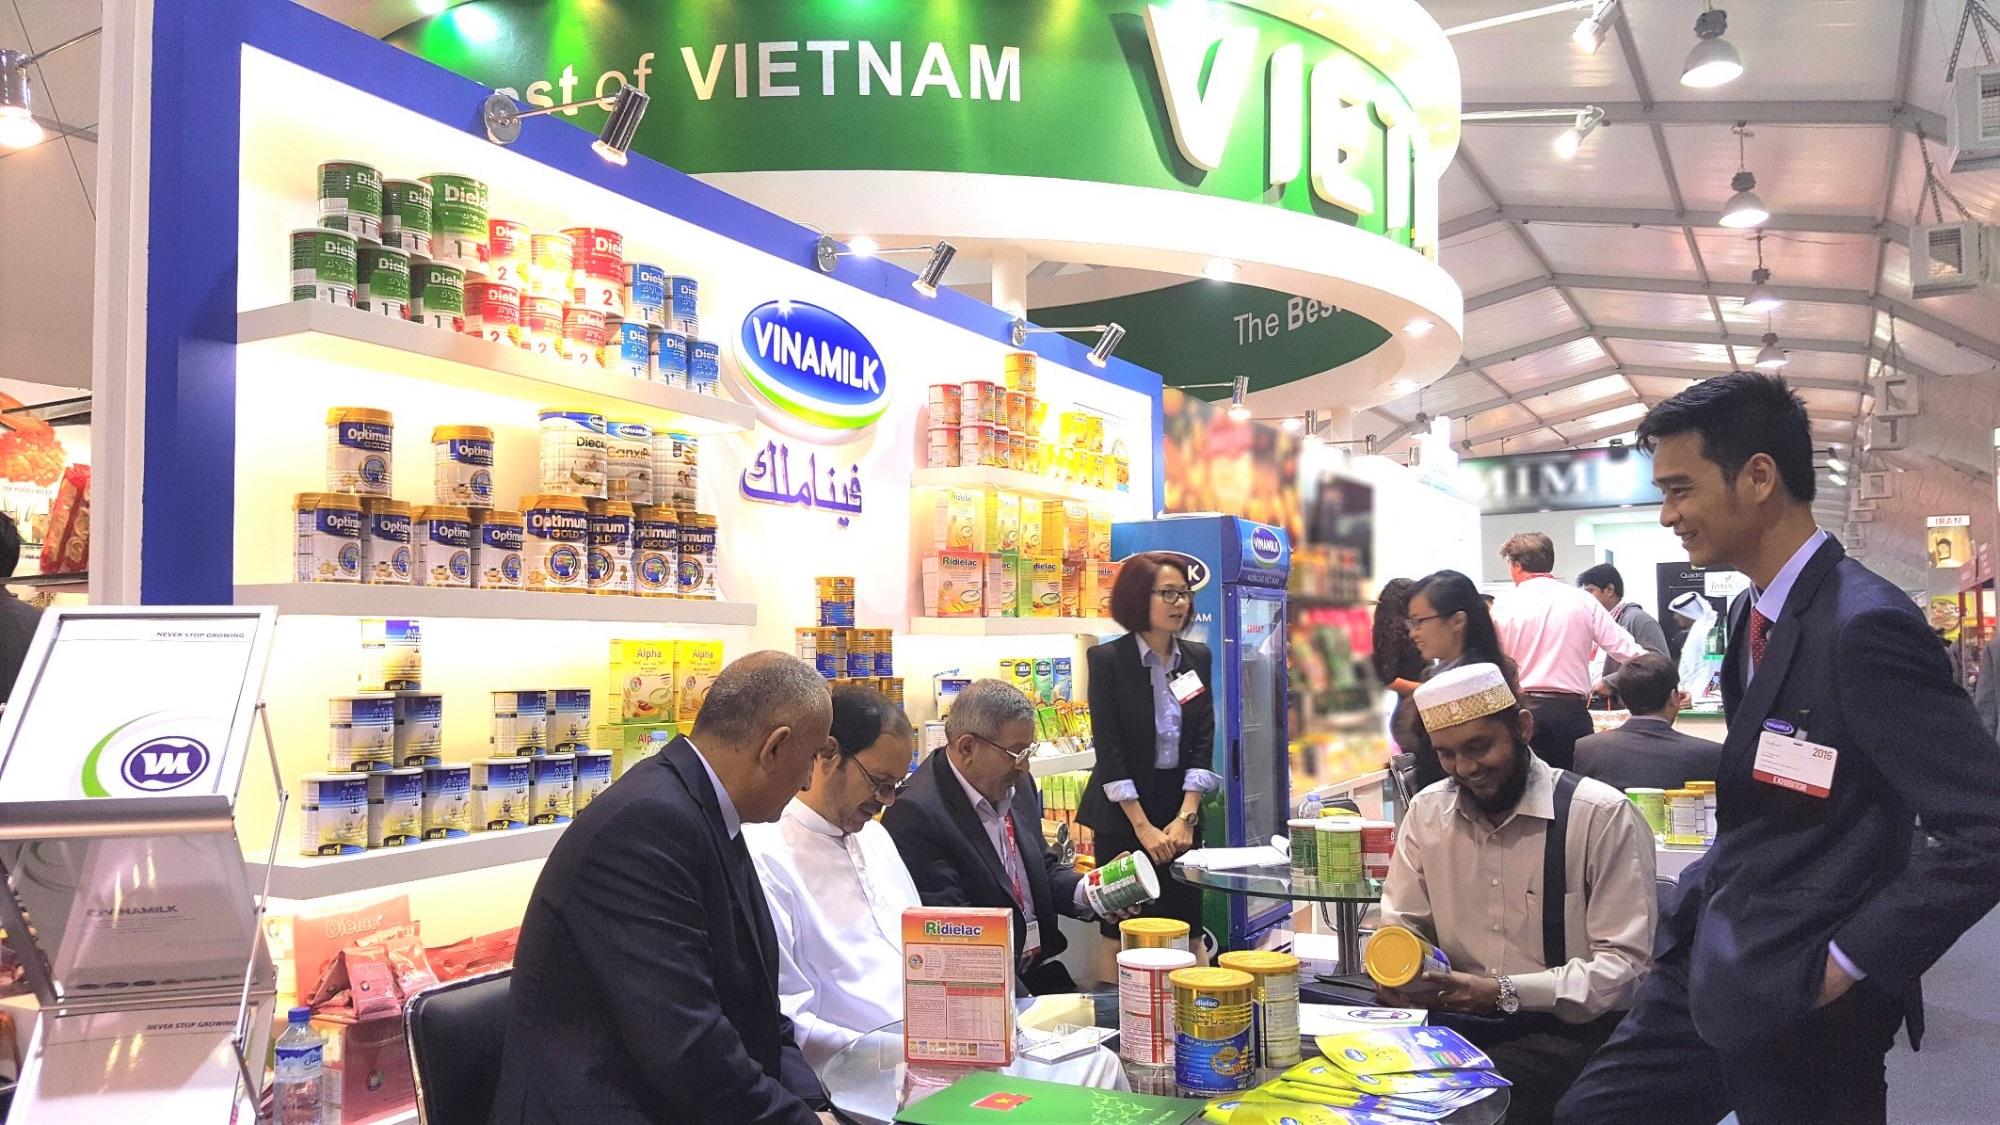 """Vinamilk – Doanh nghiệp sữa duy nhất của Việt Nam lọt danh sách """"Doanh nghiệp xuất khẩu uy tín"""" năm 2017 - Ảnh 3"""